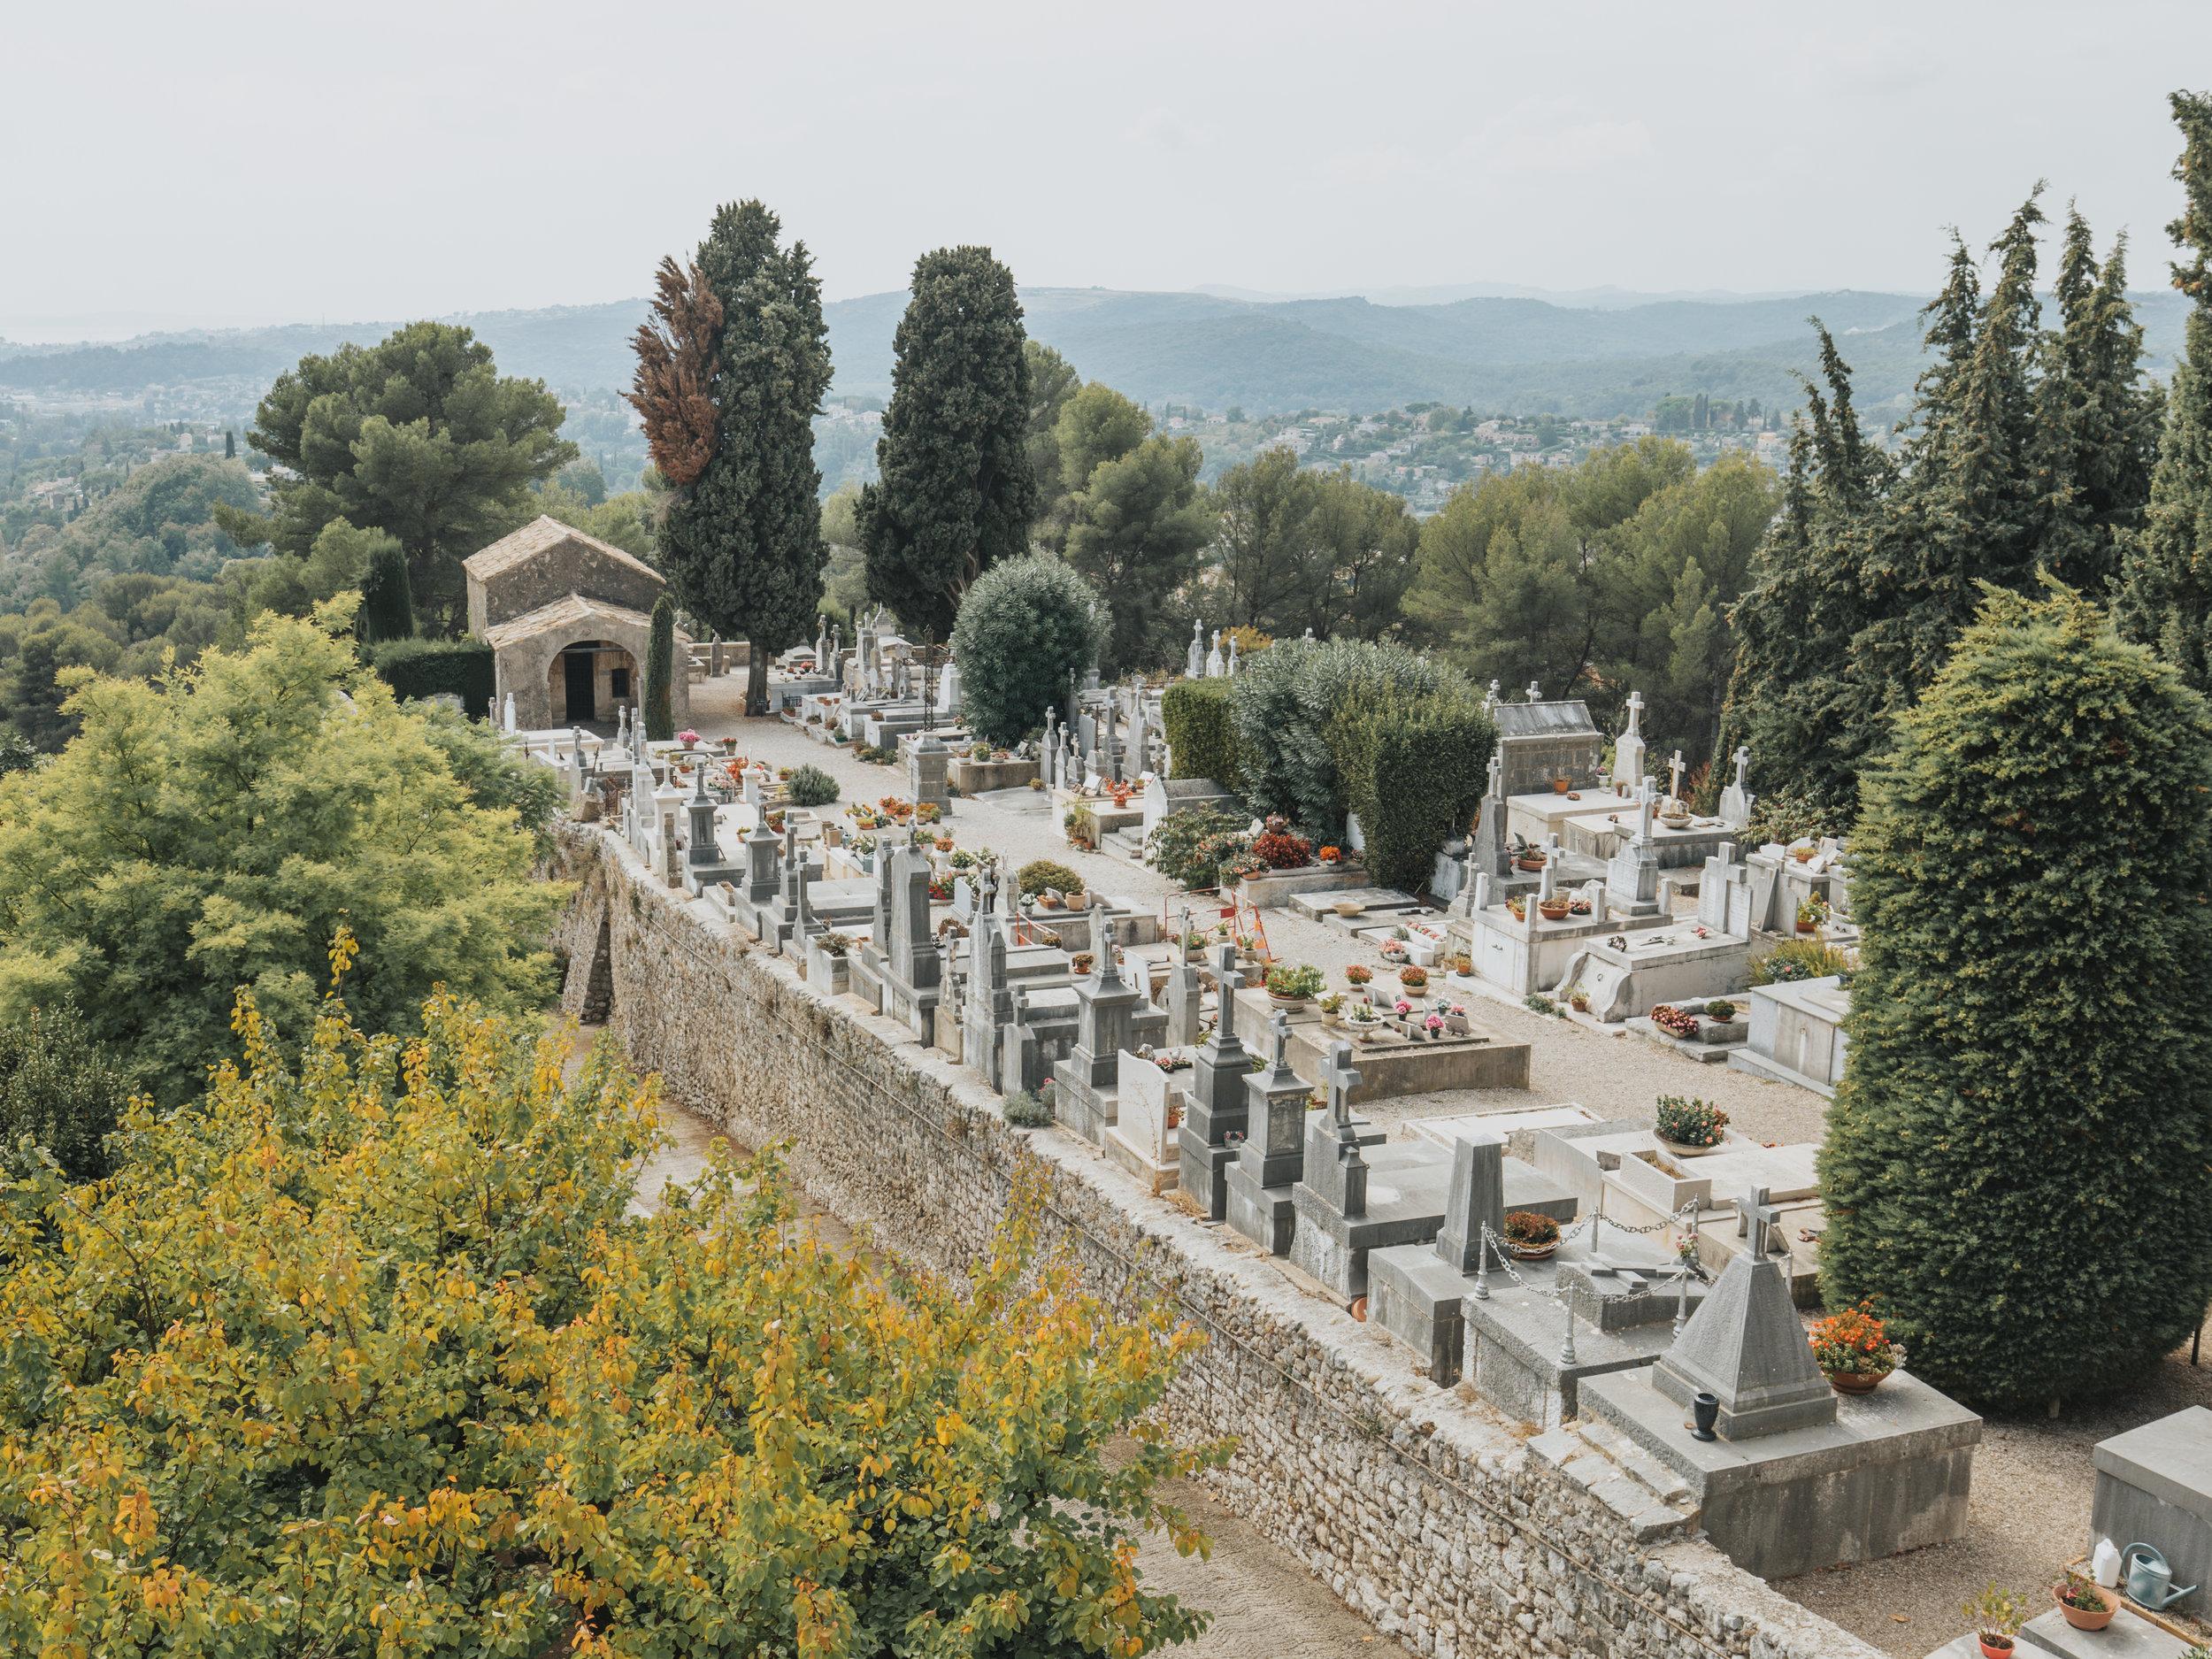 Cemetary: Les Martyrs de Gordes